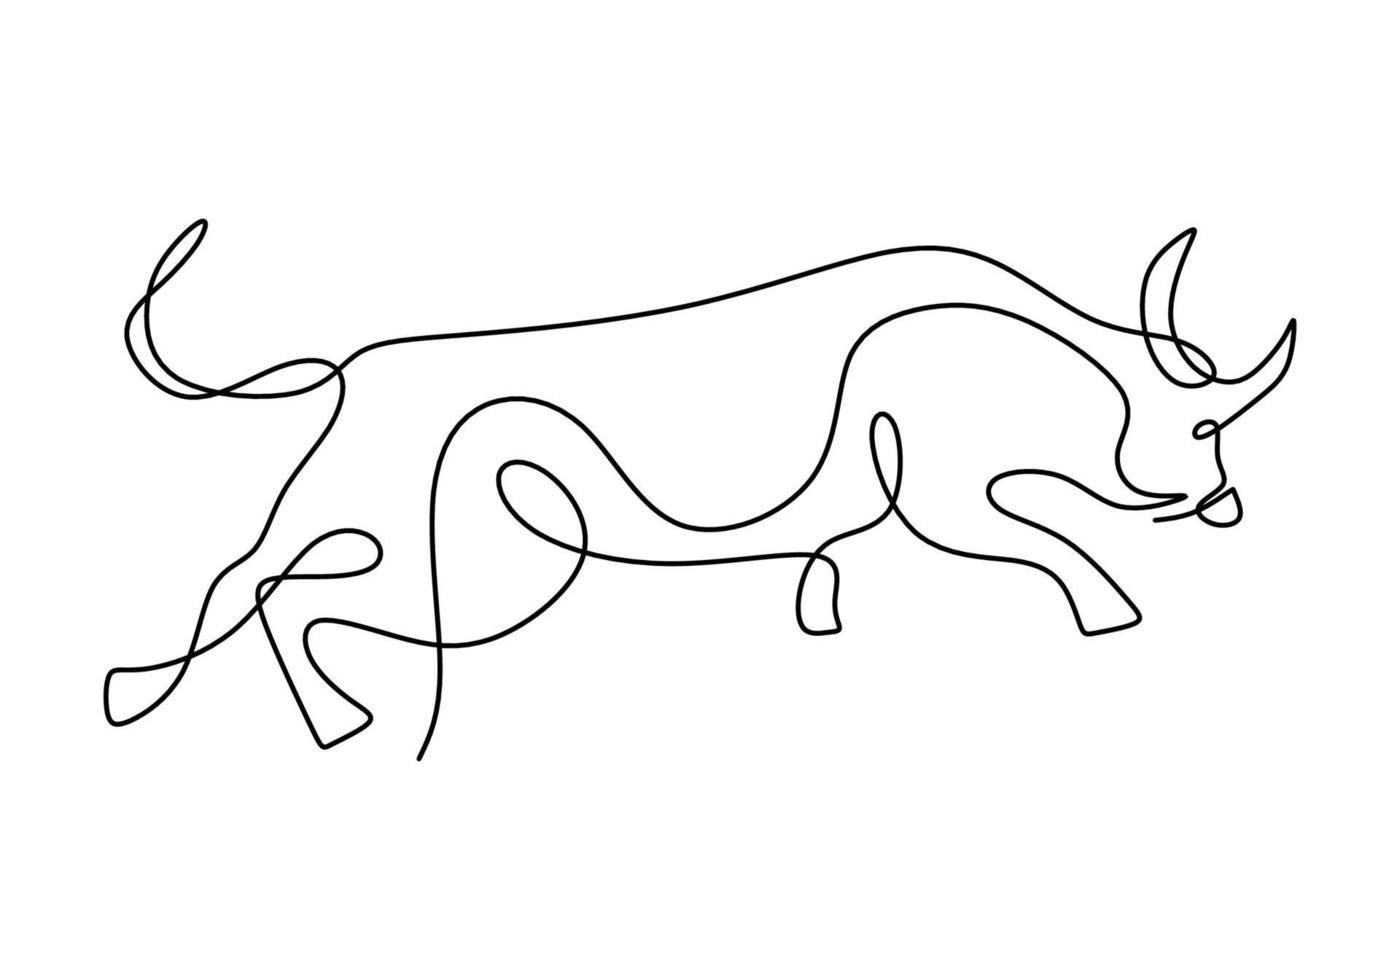 doorlopende tekening van een stierensymbool van 2021. jaar van de os getekend in een moderne minimalistische stijl geïsoleerd op een witte achtergrond. abstracte os, stier, koe. gelukkig nieuw jaar 2021. vectorillustratie vector